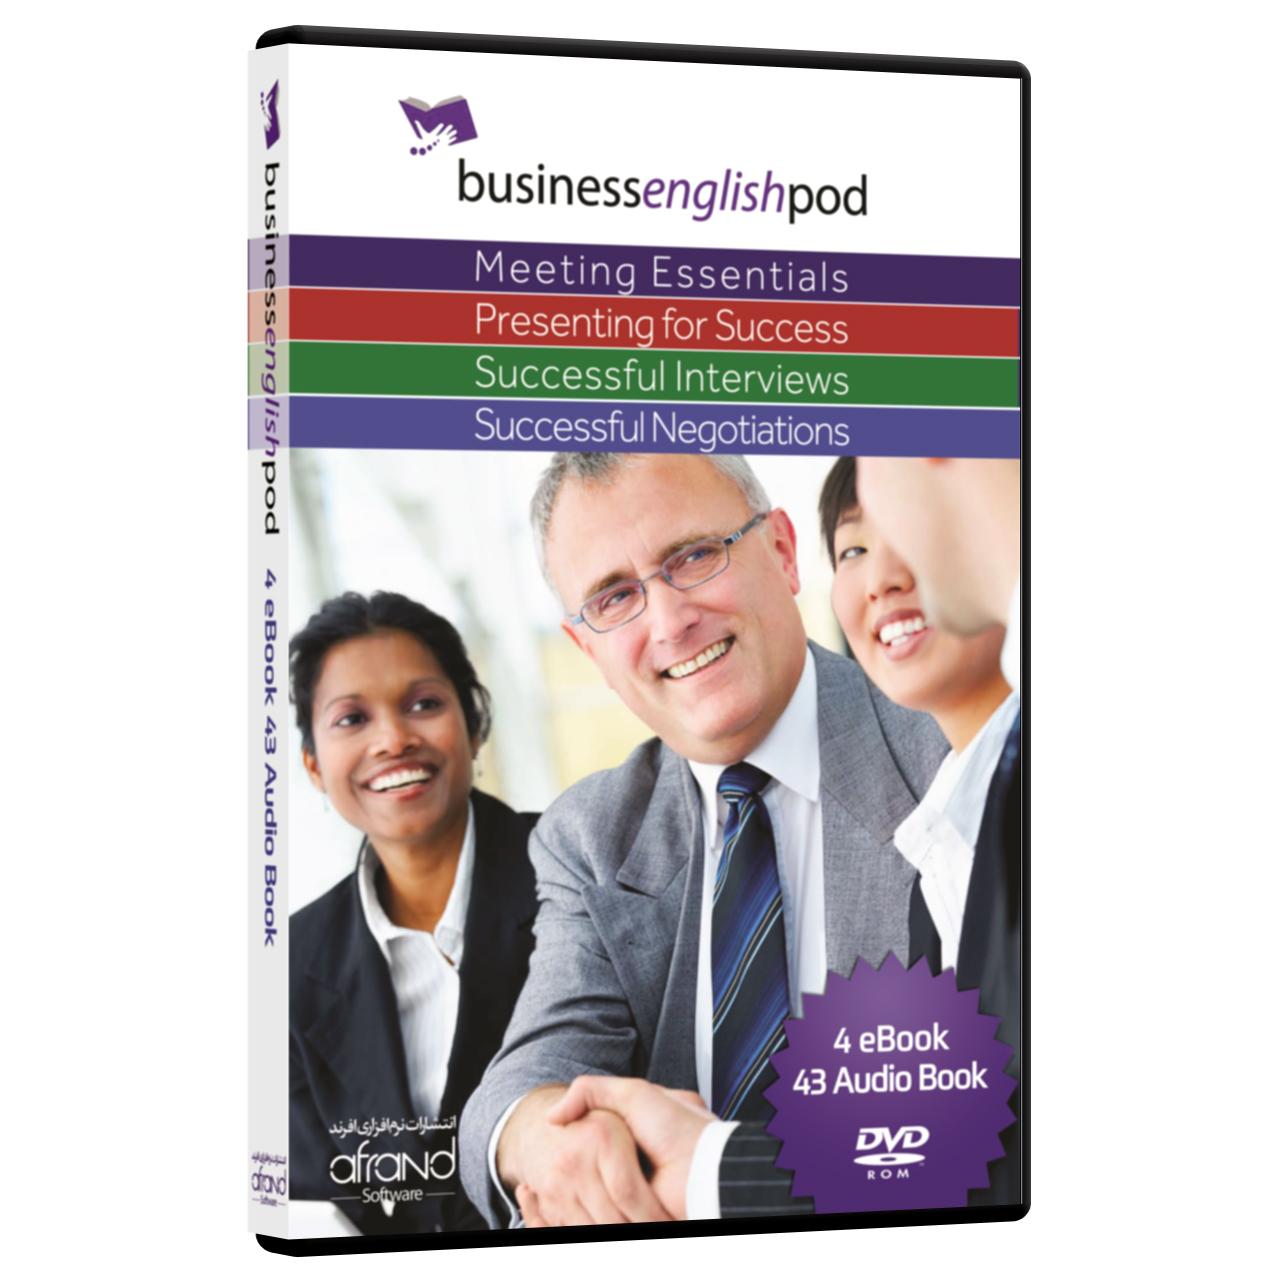 نرم افزار صوتی آموزش زبان انگلیسی تجاری Business English Pod  انتشارات نرم افزاری افرند